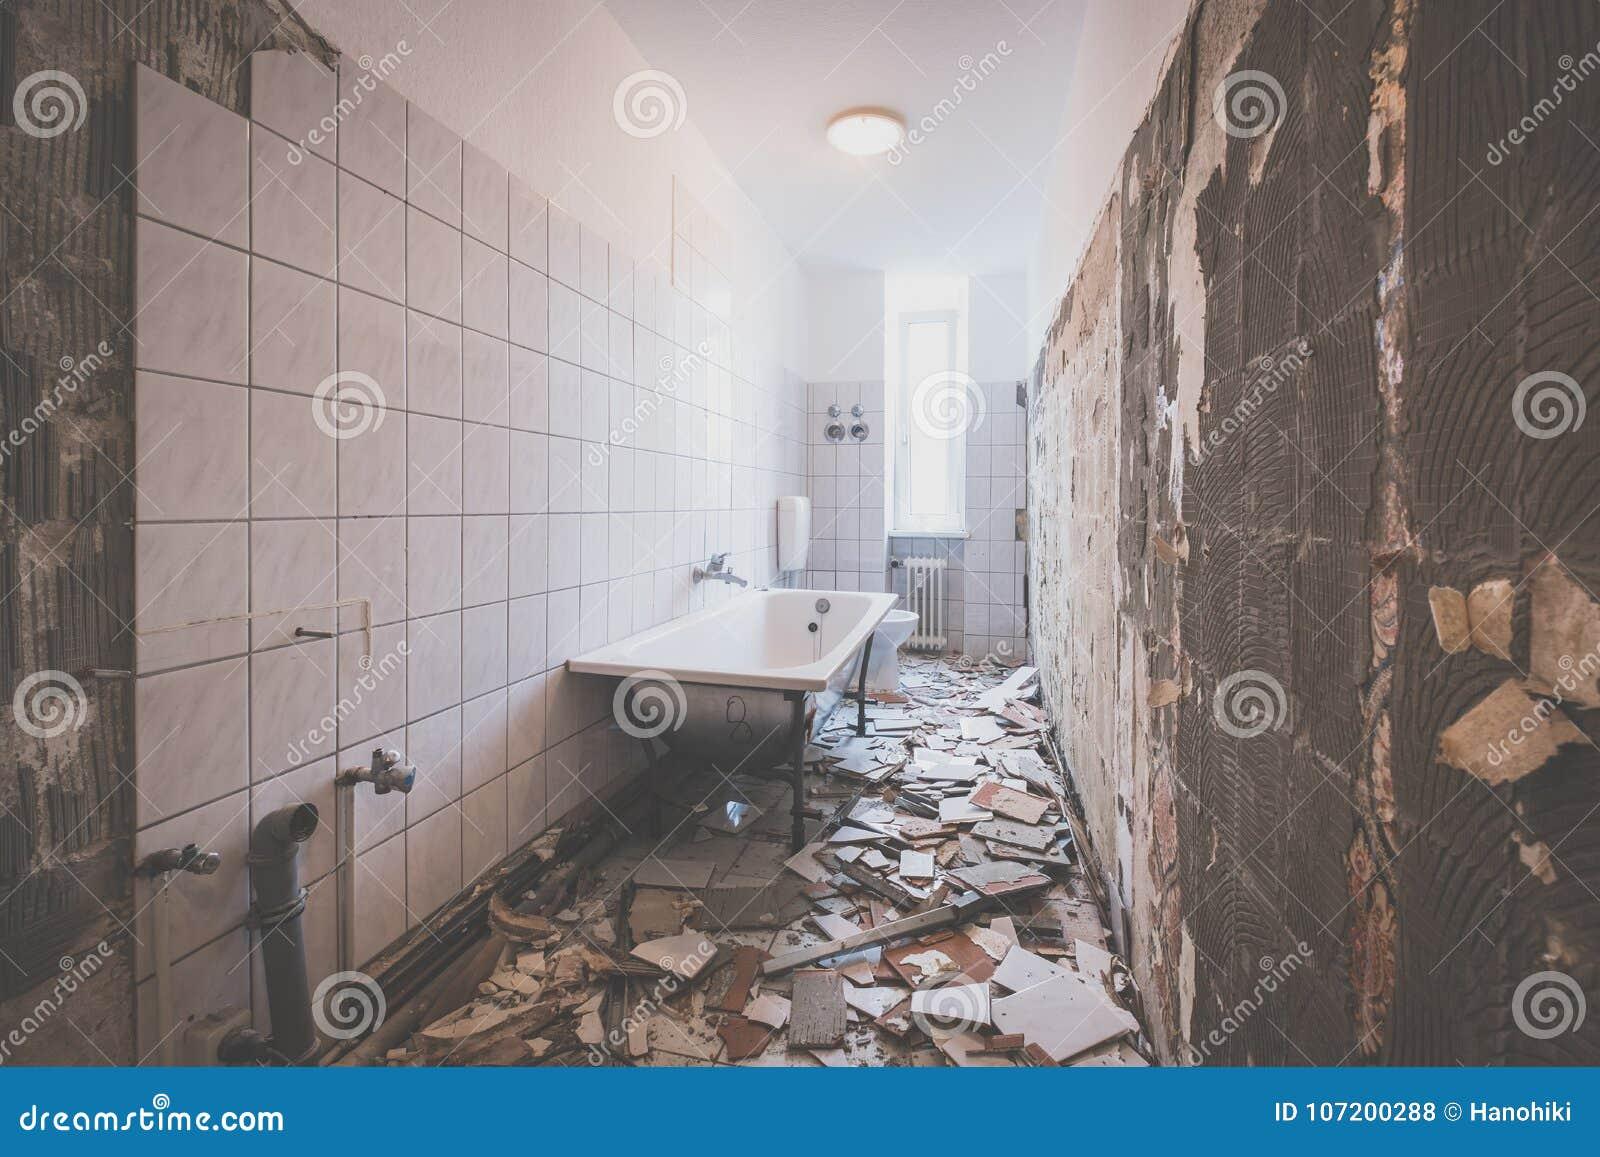 download rnovation de salle de bains limination des tuiles dans la vieille salle de bains